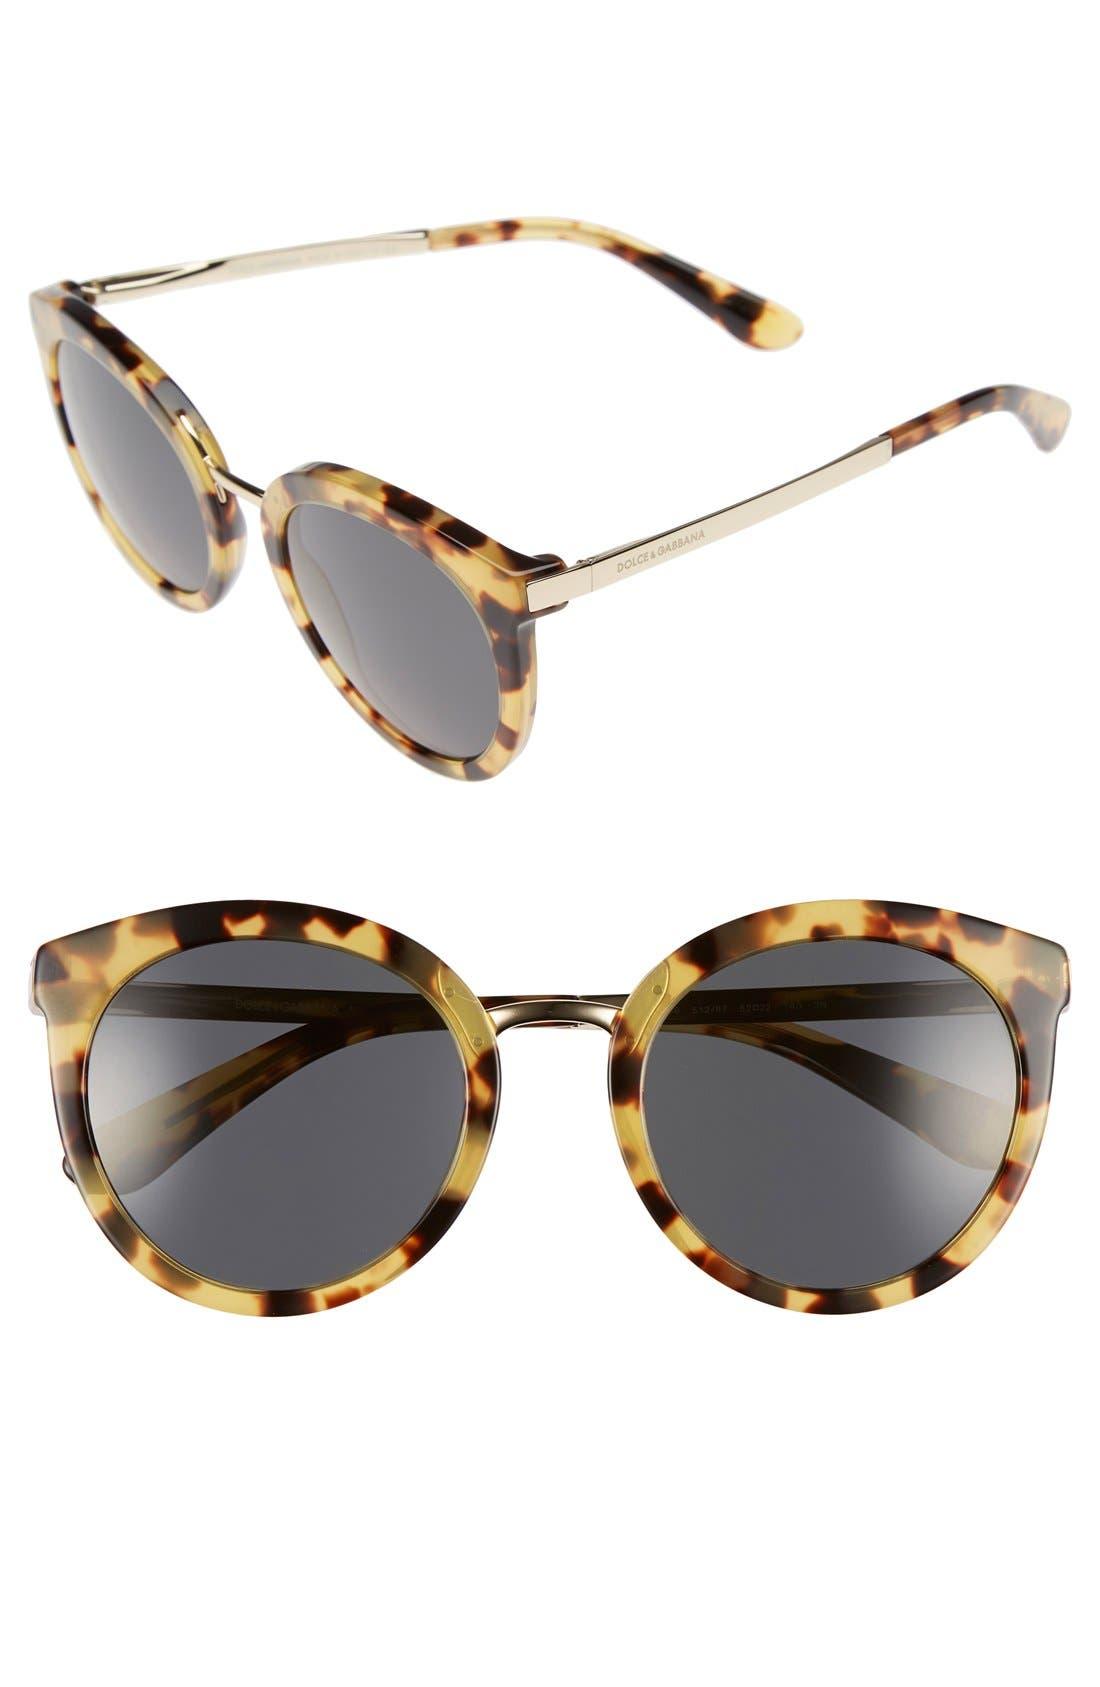 Main Image - Dolce&Gabbana 52mm Round Sunglasses